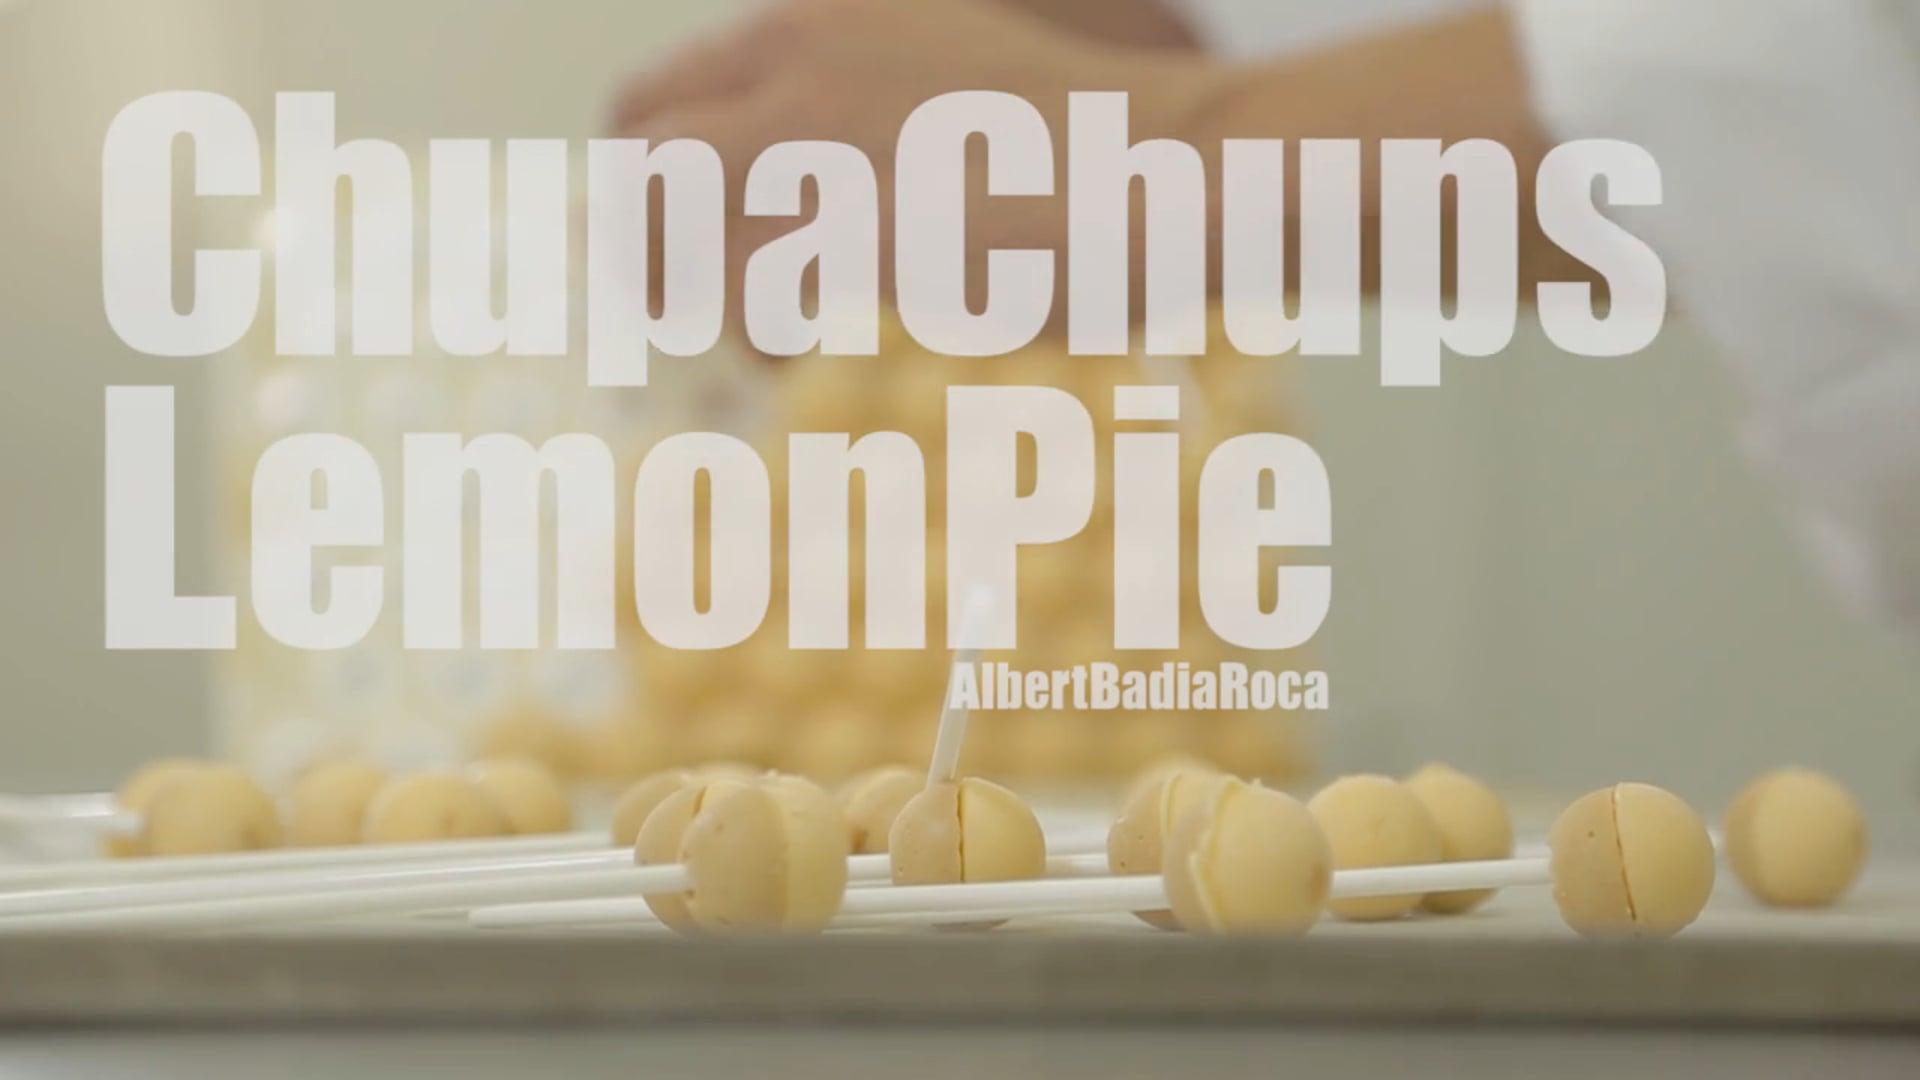 ChupaChupsLemonPie